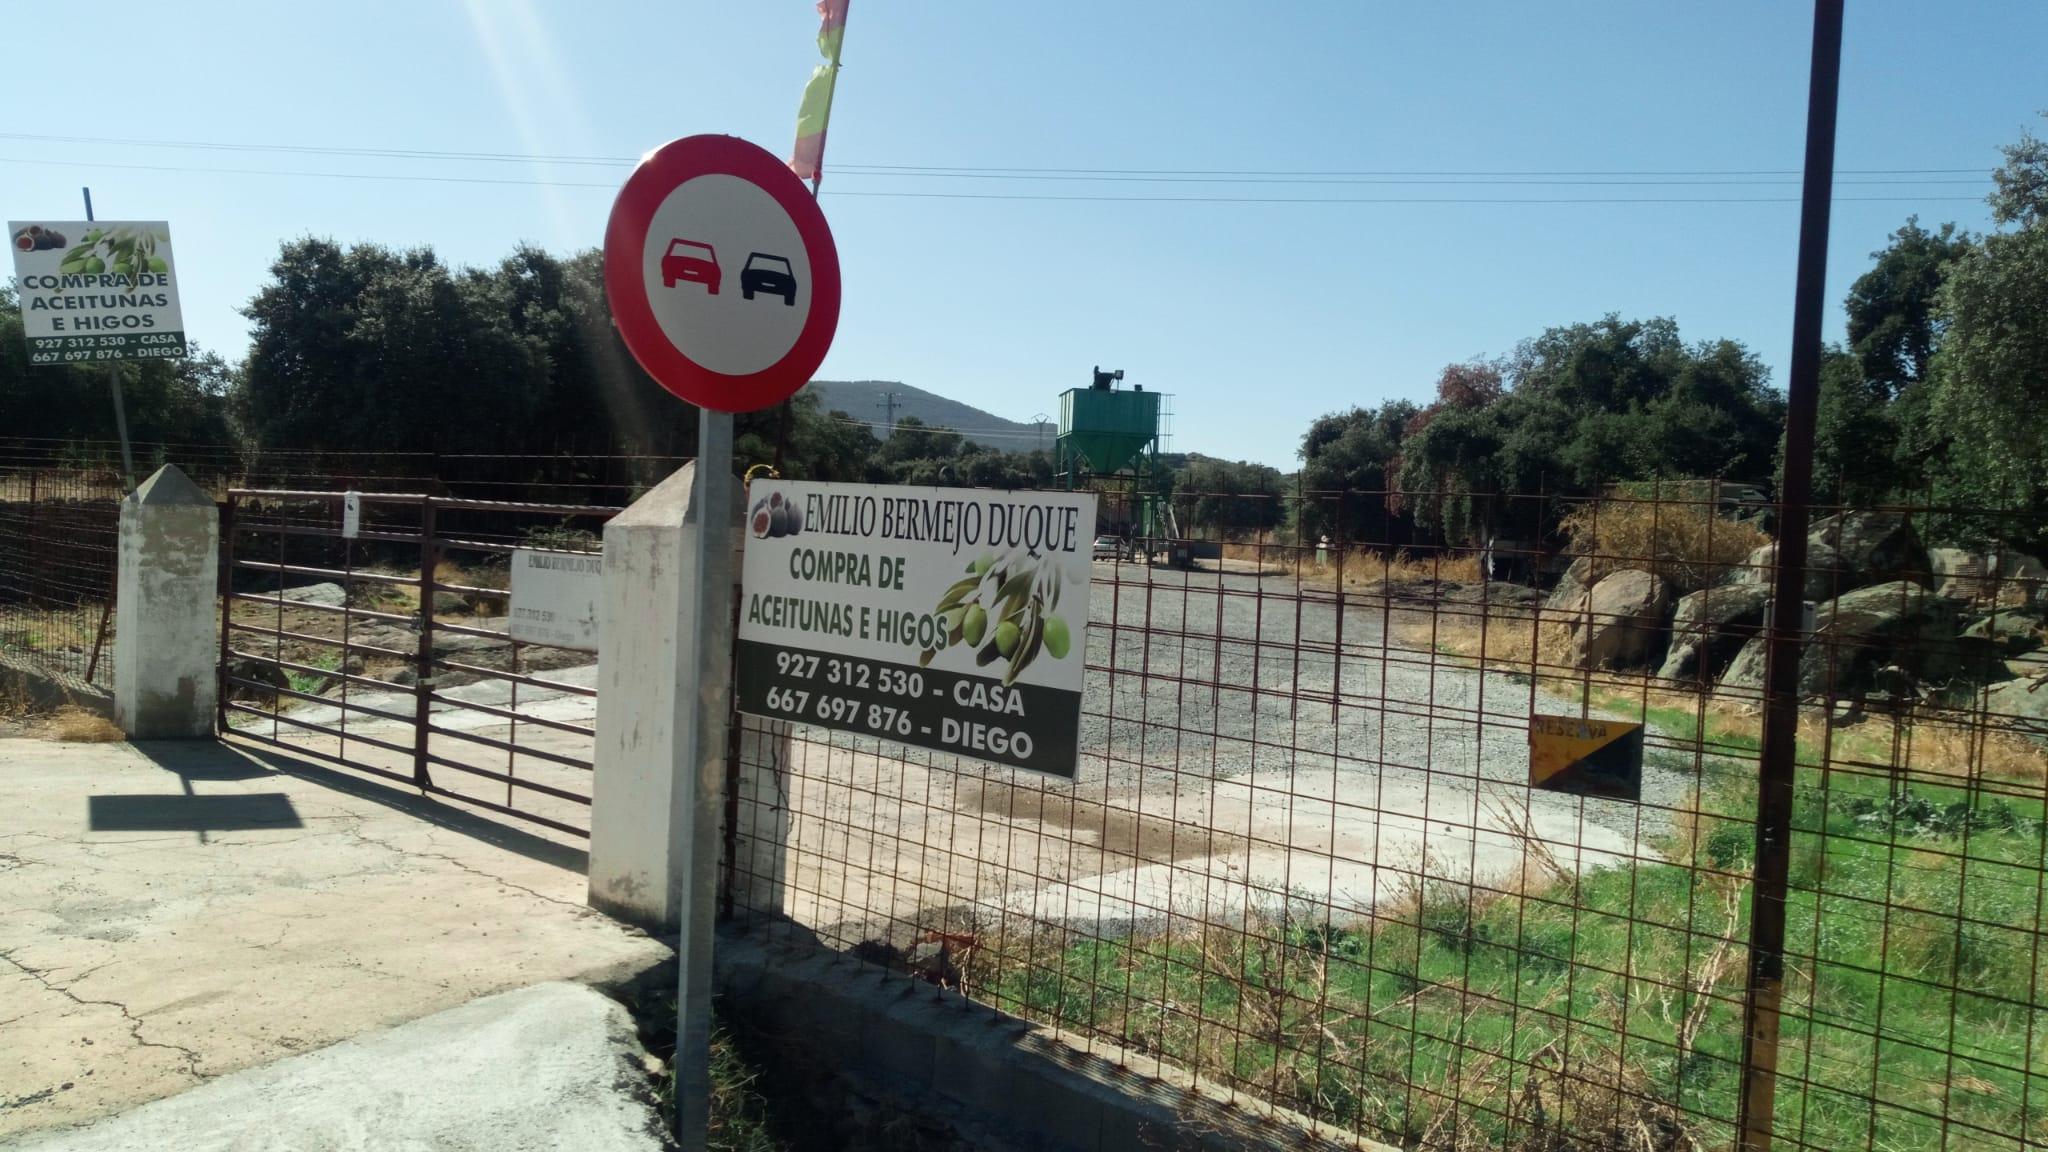 Donde vender las aceitunas Montanchez , Torre Santa maria , Valdefuentes , Torremocha , Albala , Trujillo , Cáceres Emilio Bermejo